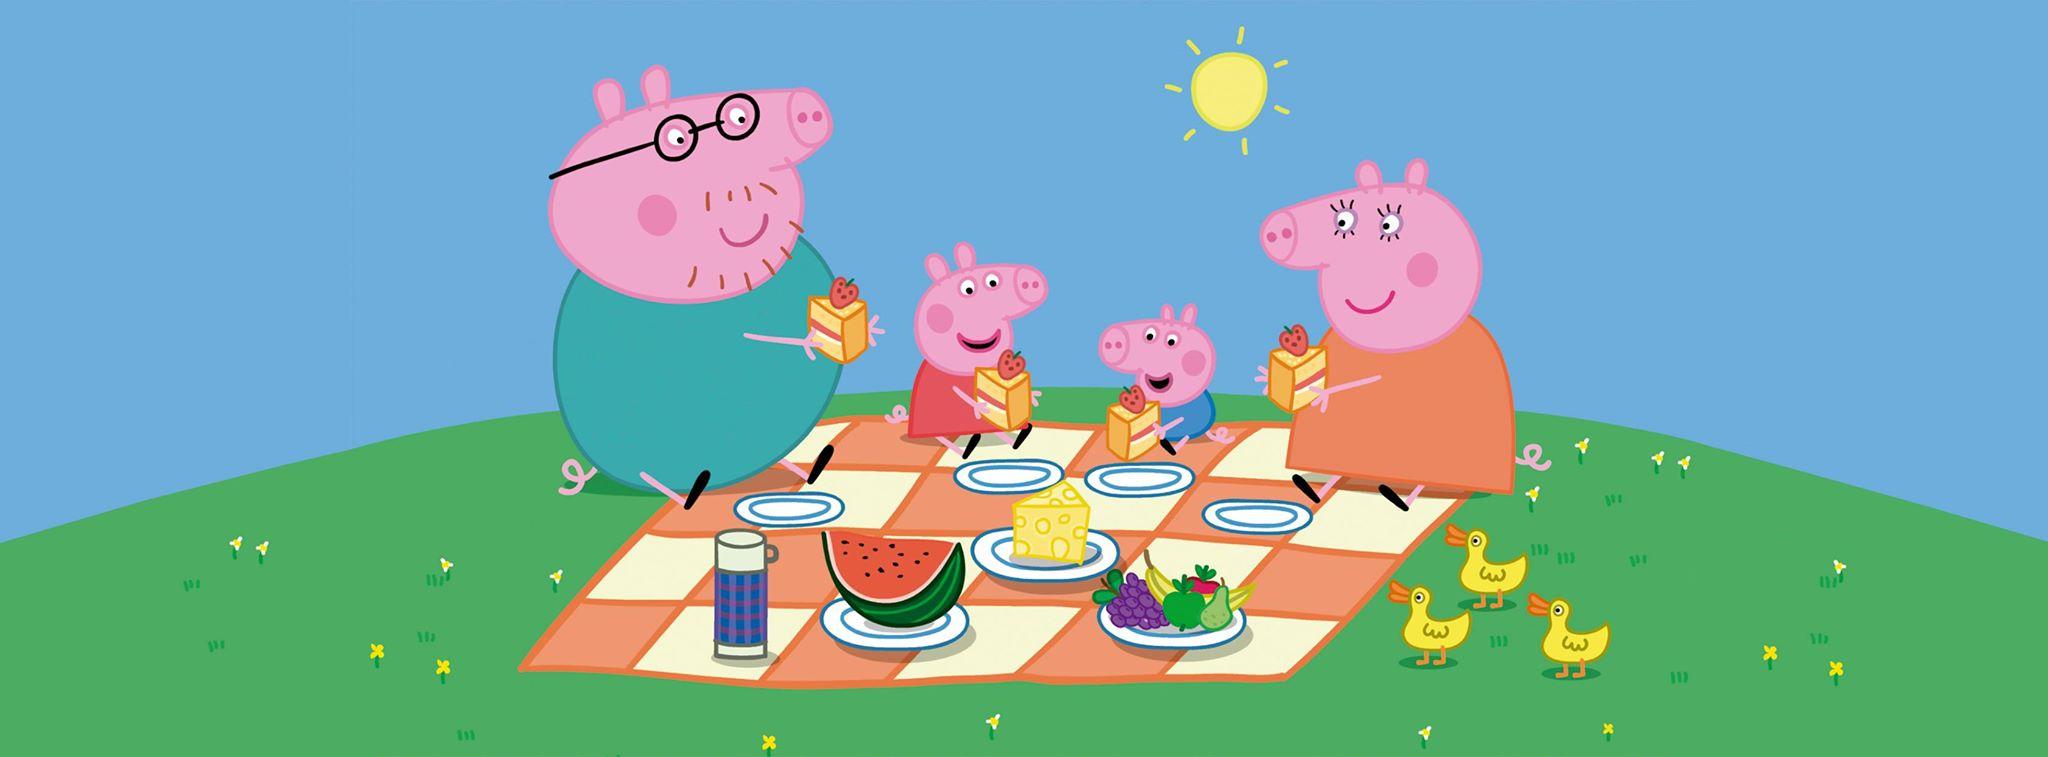 La meilleure série de dessins animés pour apprendre l'anglais